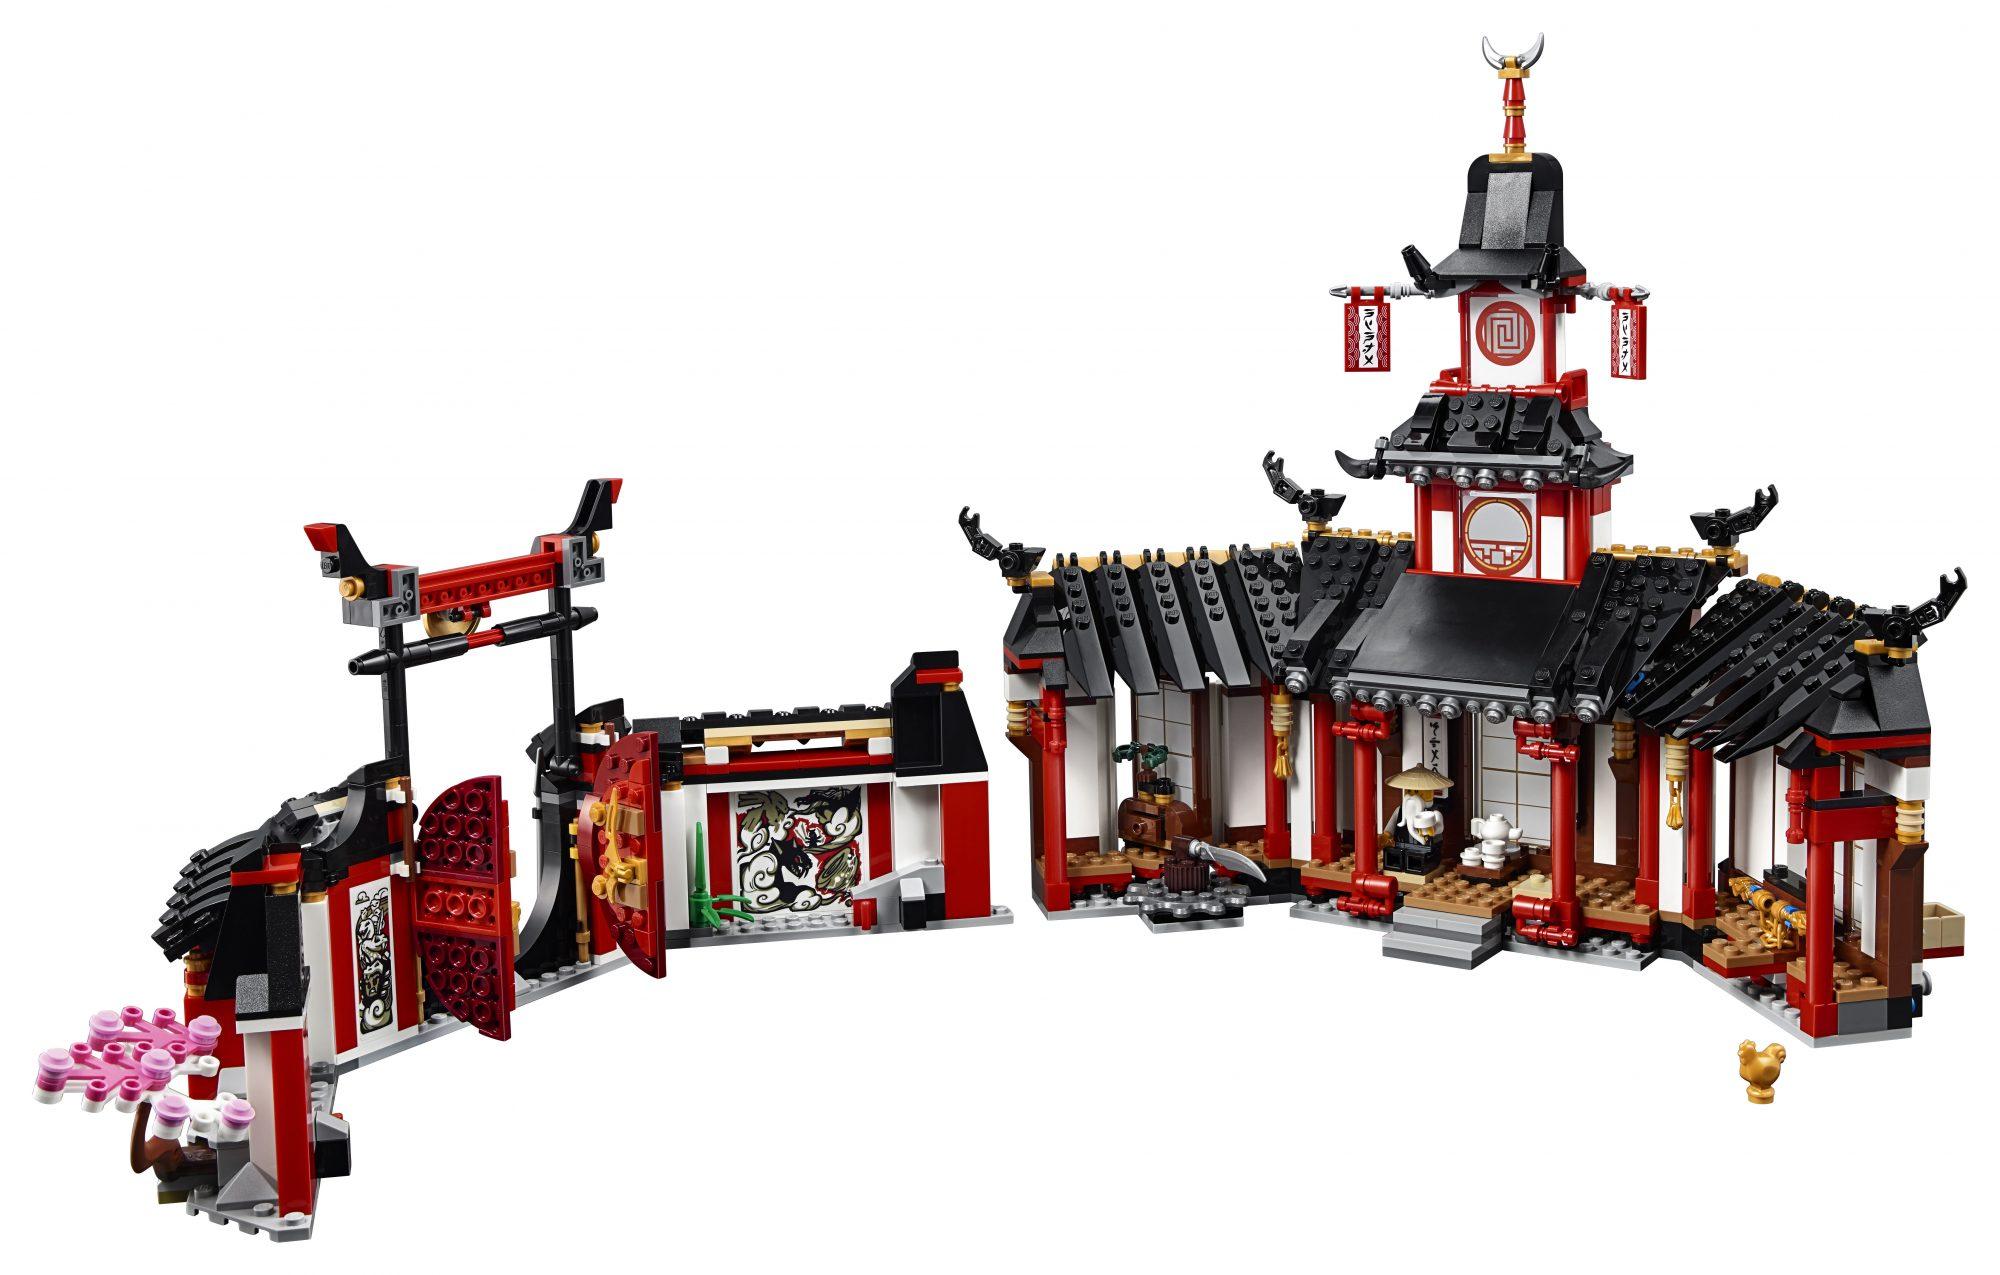 LEGO NINJAGO: 70670 the Monastery of Spinjitzu